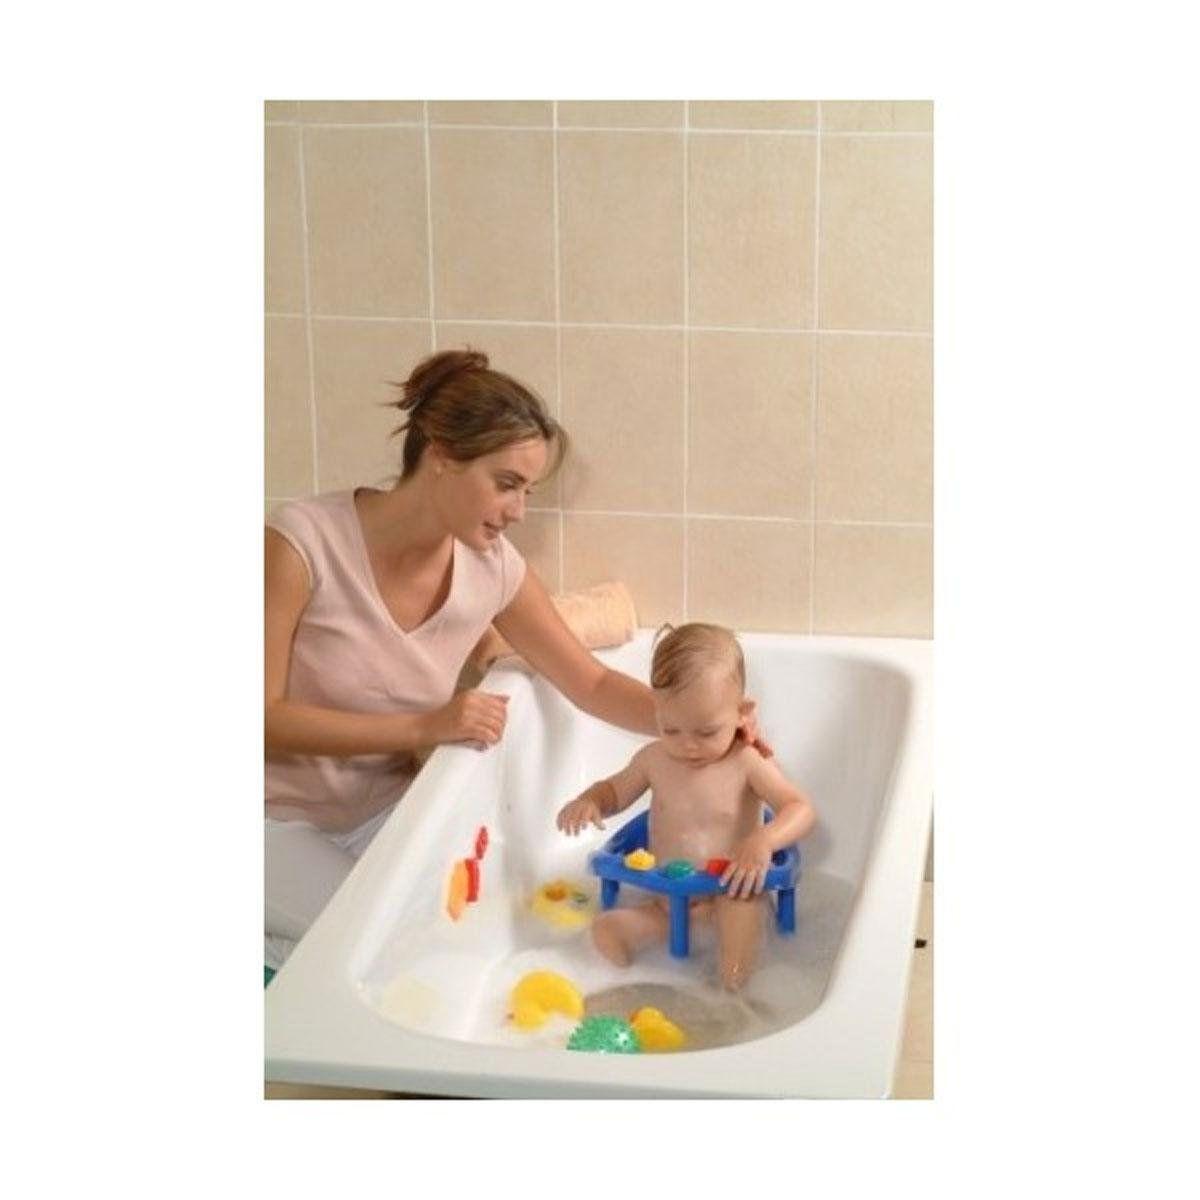 Amazon.com : Babymoov A022001 Babies\' Bath Seat with Ring Aqua-Blue ...